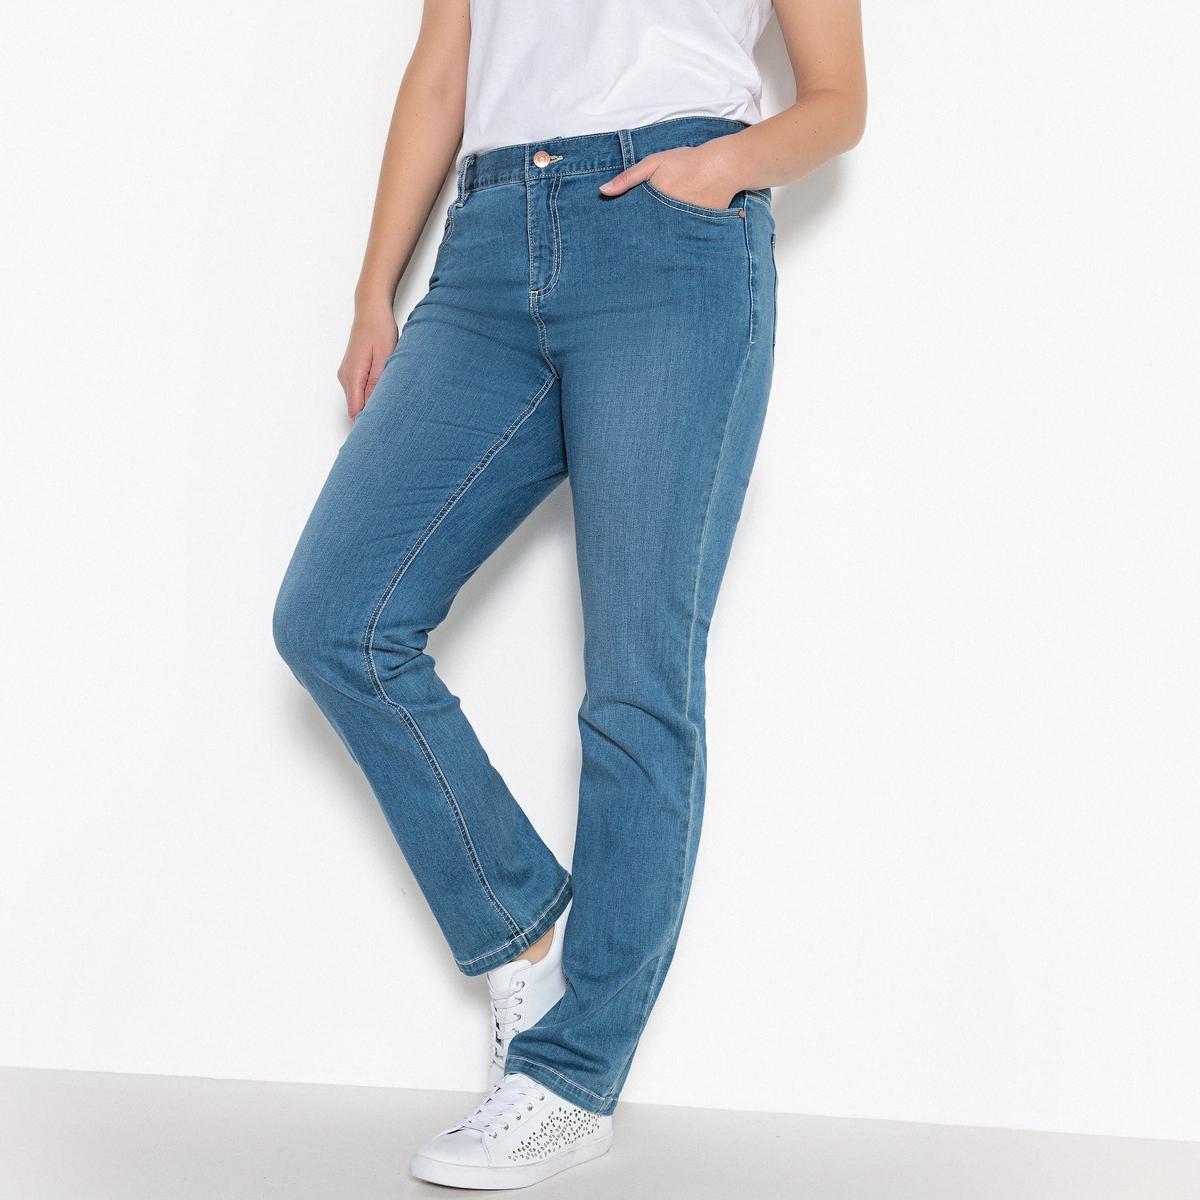 Джинсы прямого покроя стретч,  длина по внутр.шву ок. 78 смДжинсы прямого покроя стретч,  длина по внутр.шву ок.78 см. Деним стретч, 98% хлопка, 2% эластана.Подчеркивается талия, бедра, ягодицы зрительно округляются: прямые джинсы стретч отлично сидят и чрезвычайно удобны! 5 карманов. Рост от 1 м 65 см: длина по внутр.шву ок. 78 см..<br><br>Цвет: голубой потертый,синий потертый,темно-синий,черный<br>Размер: 42 (FR) - 48 (RUS).44 (FR) - 50 (RUS).42 (FR) - 48 (RUS).56 (FR) - 62 (RUS).44 (FR) - 50 (RUS).58 (FR) - 64 (RUS).54 (FR) - 60 (RUS).54 (FR) - 60 (RUS)